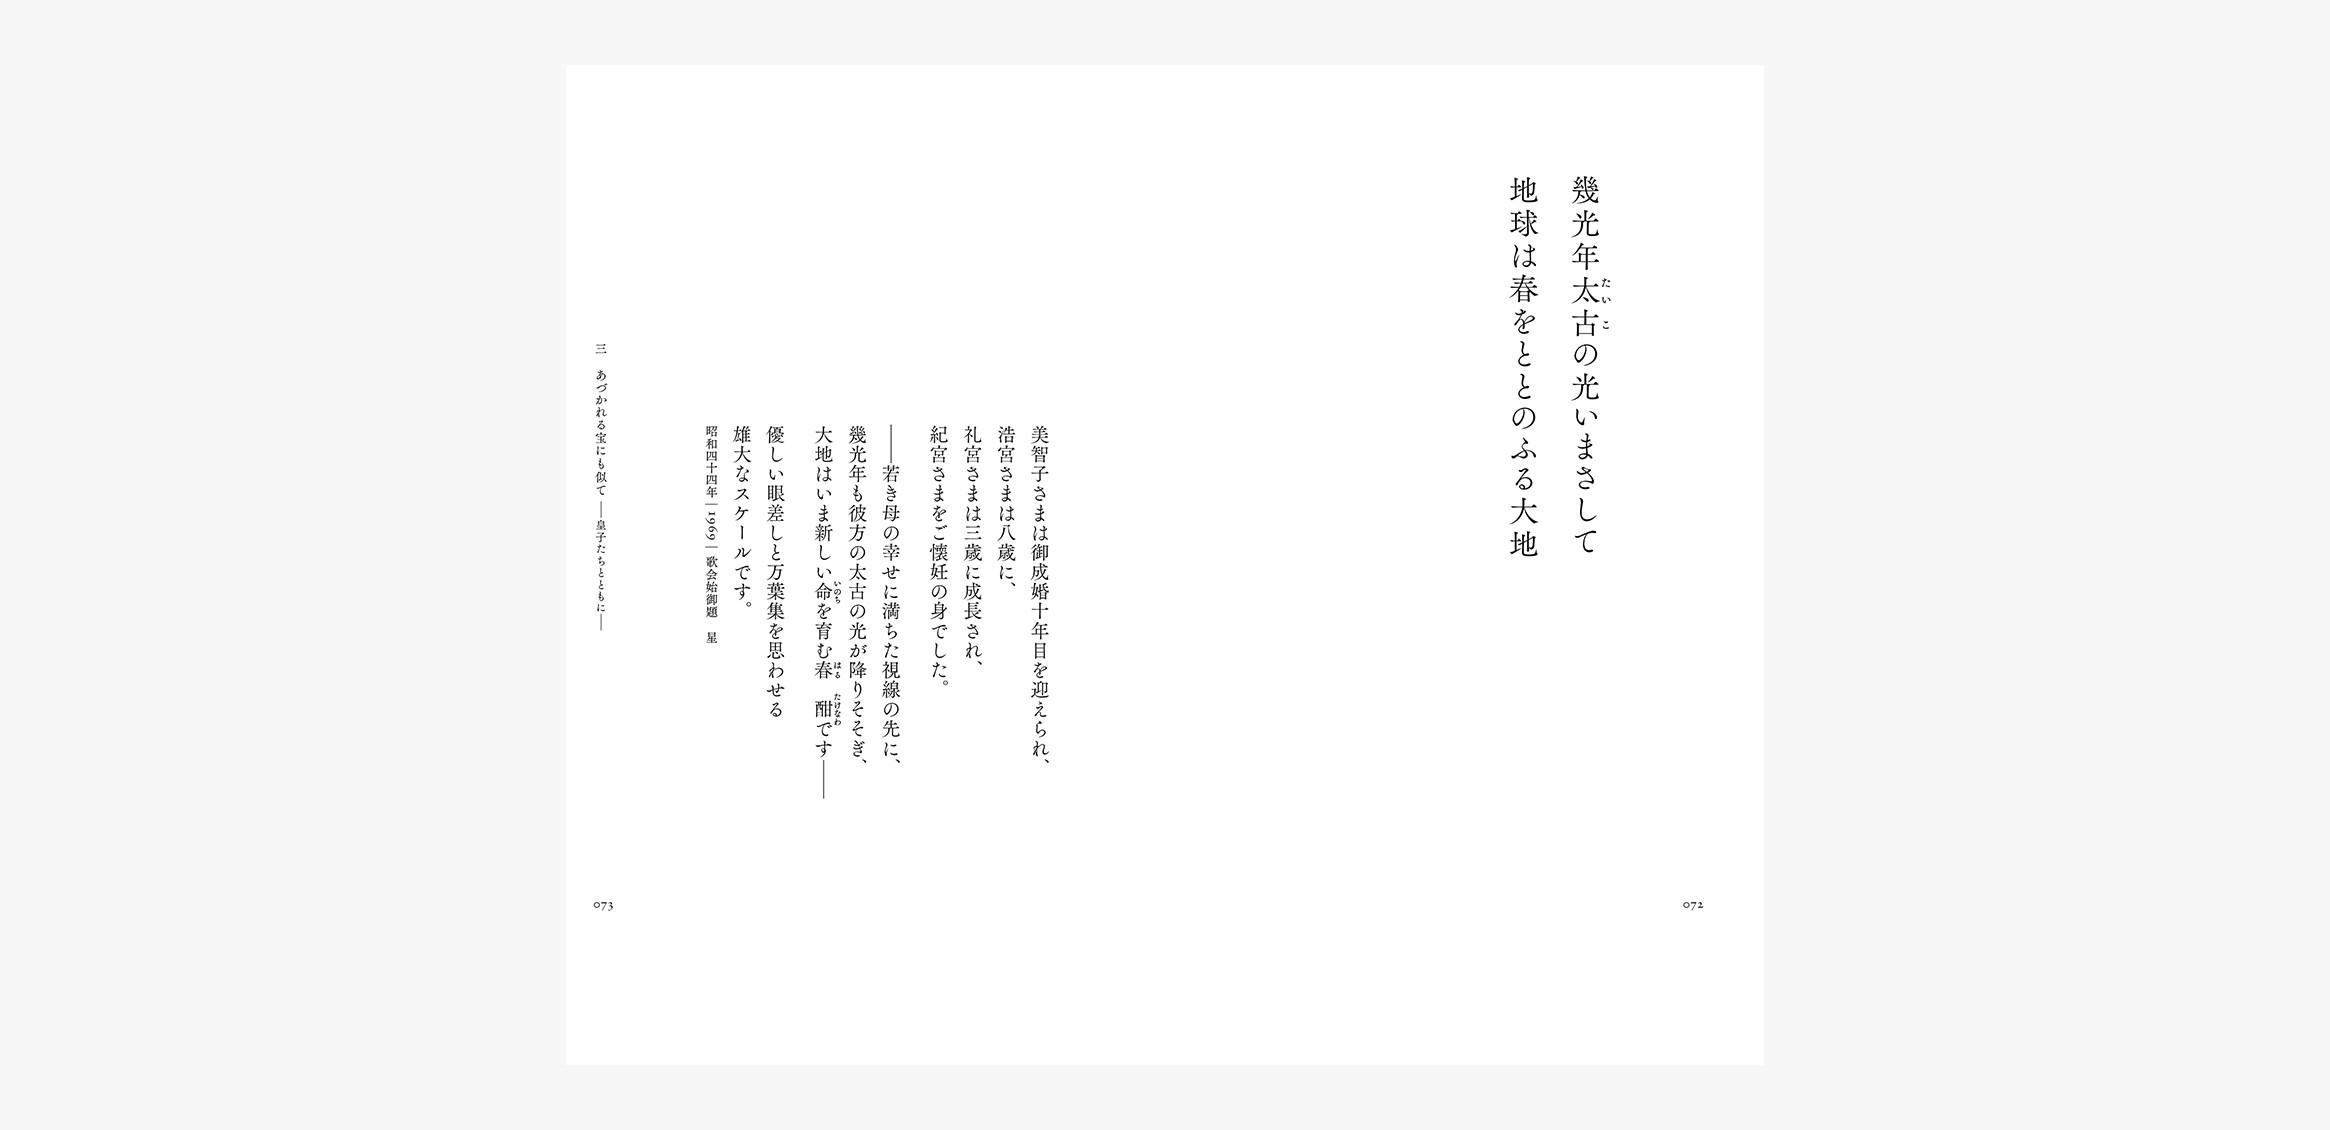 皇后美智子的御歌4枚目